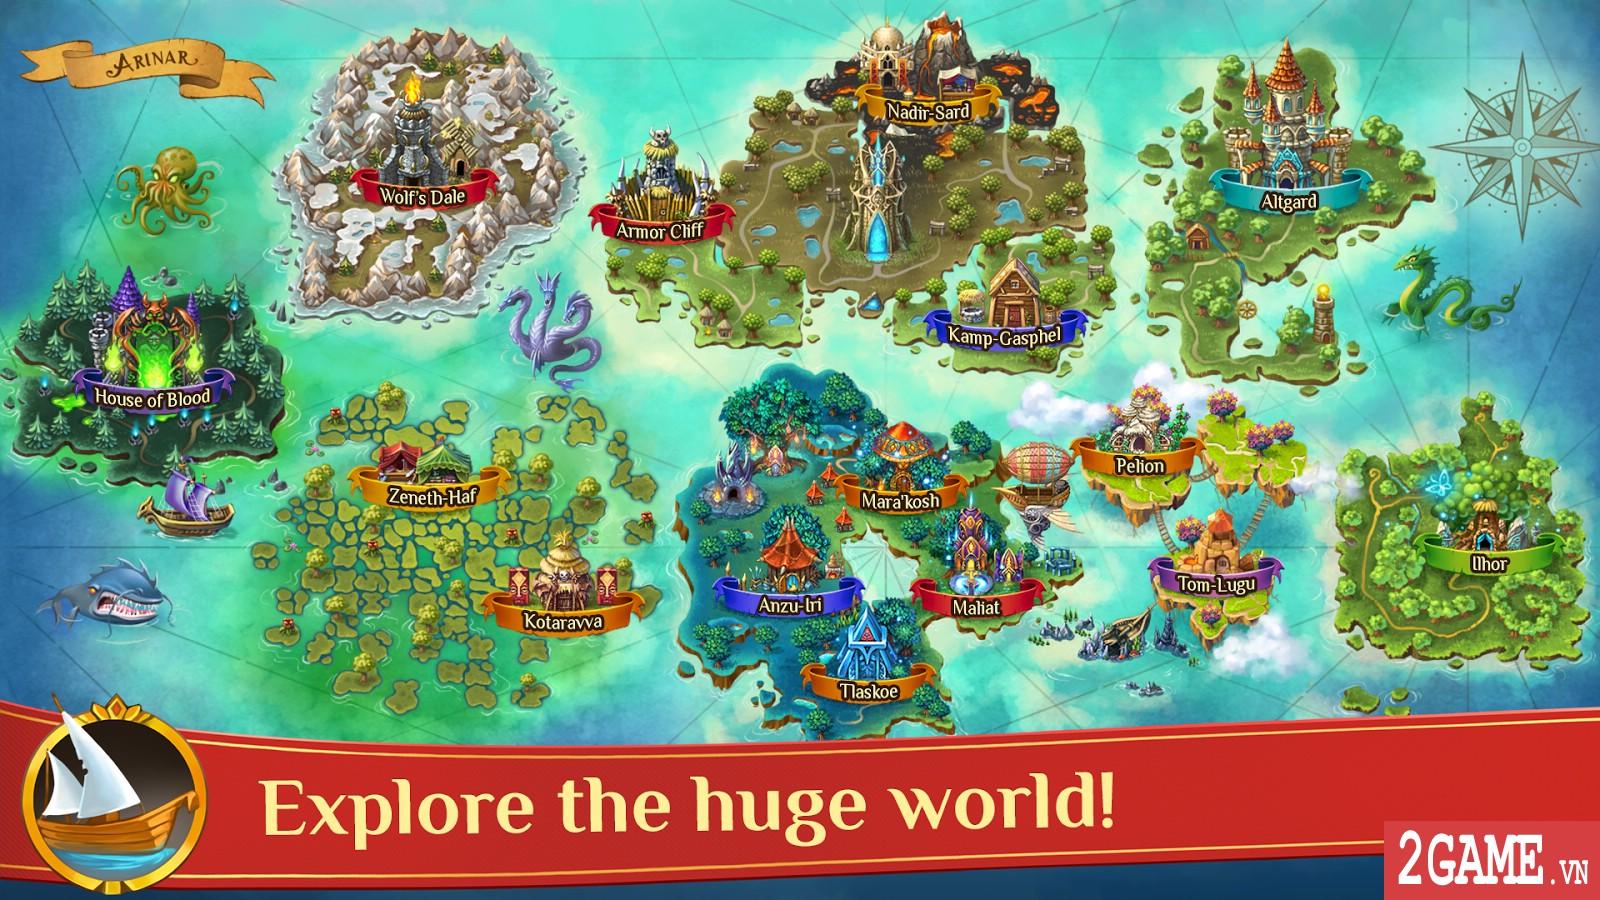 Warspear Online - Game nhập vai thế giới mở vô cùng rộng lớn 4